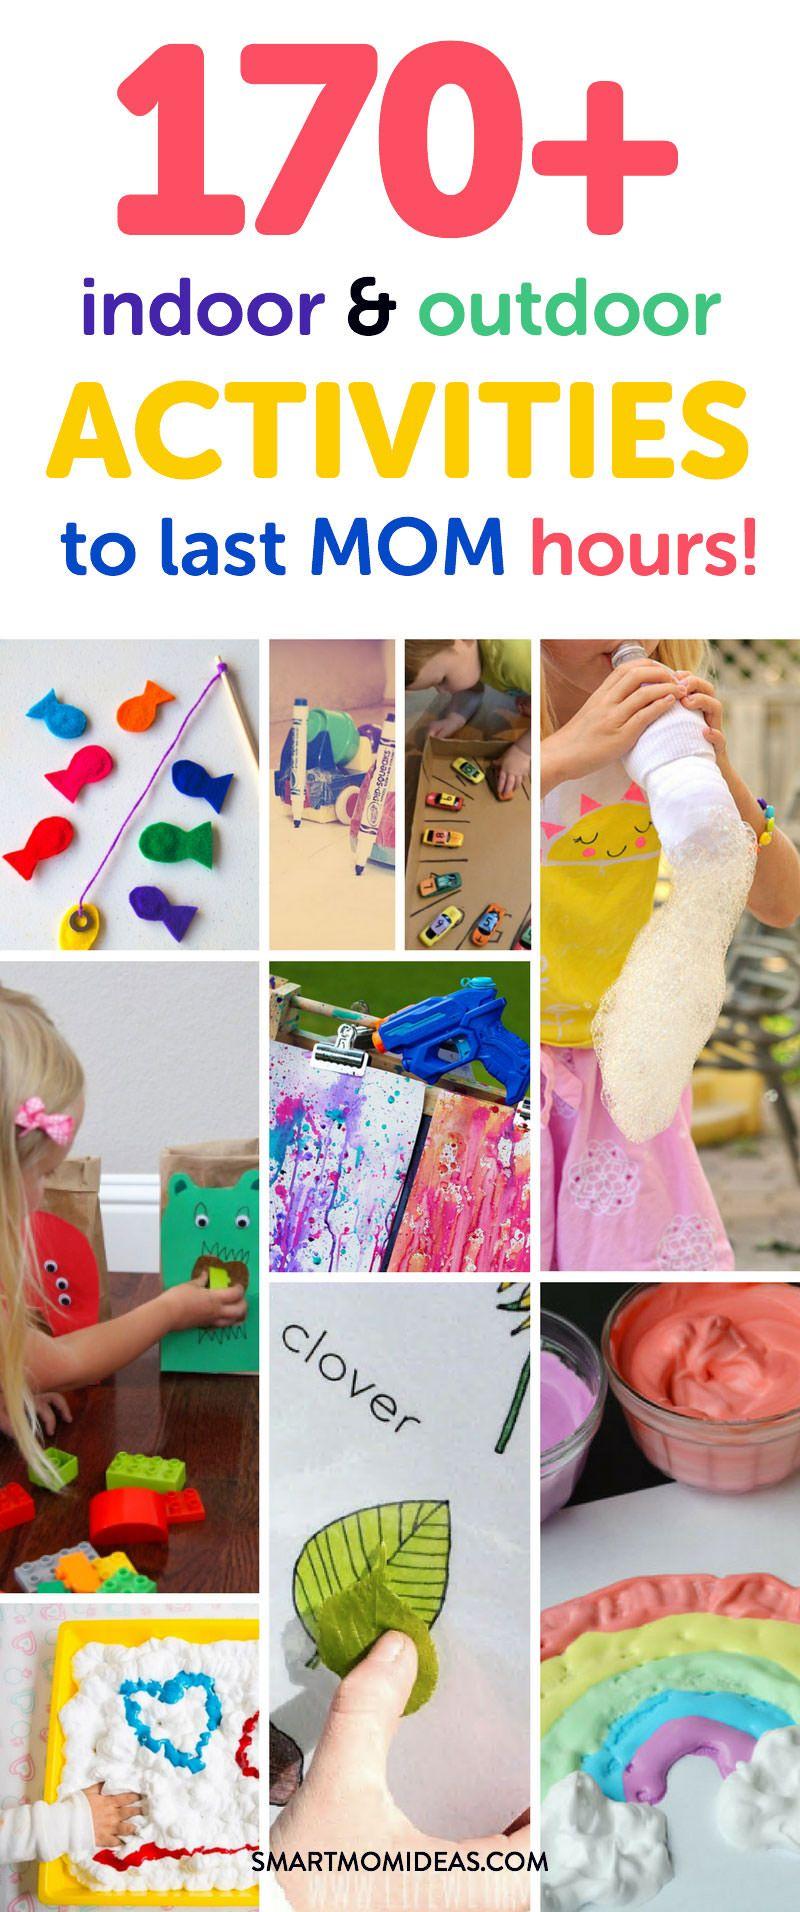 170 Indoor And Outdoor Toddler Activities To Last Mom Hours